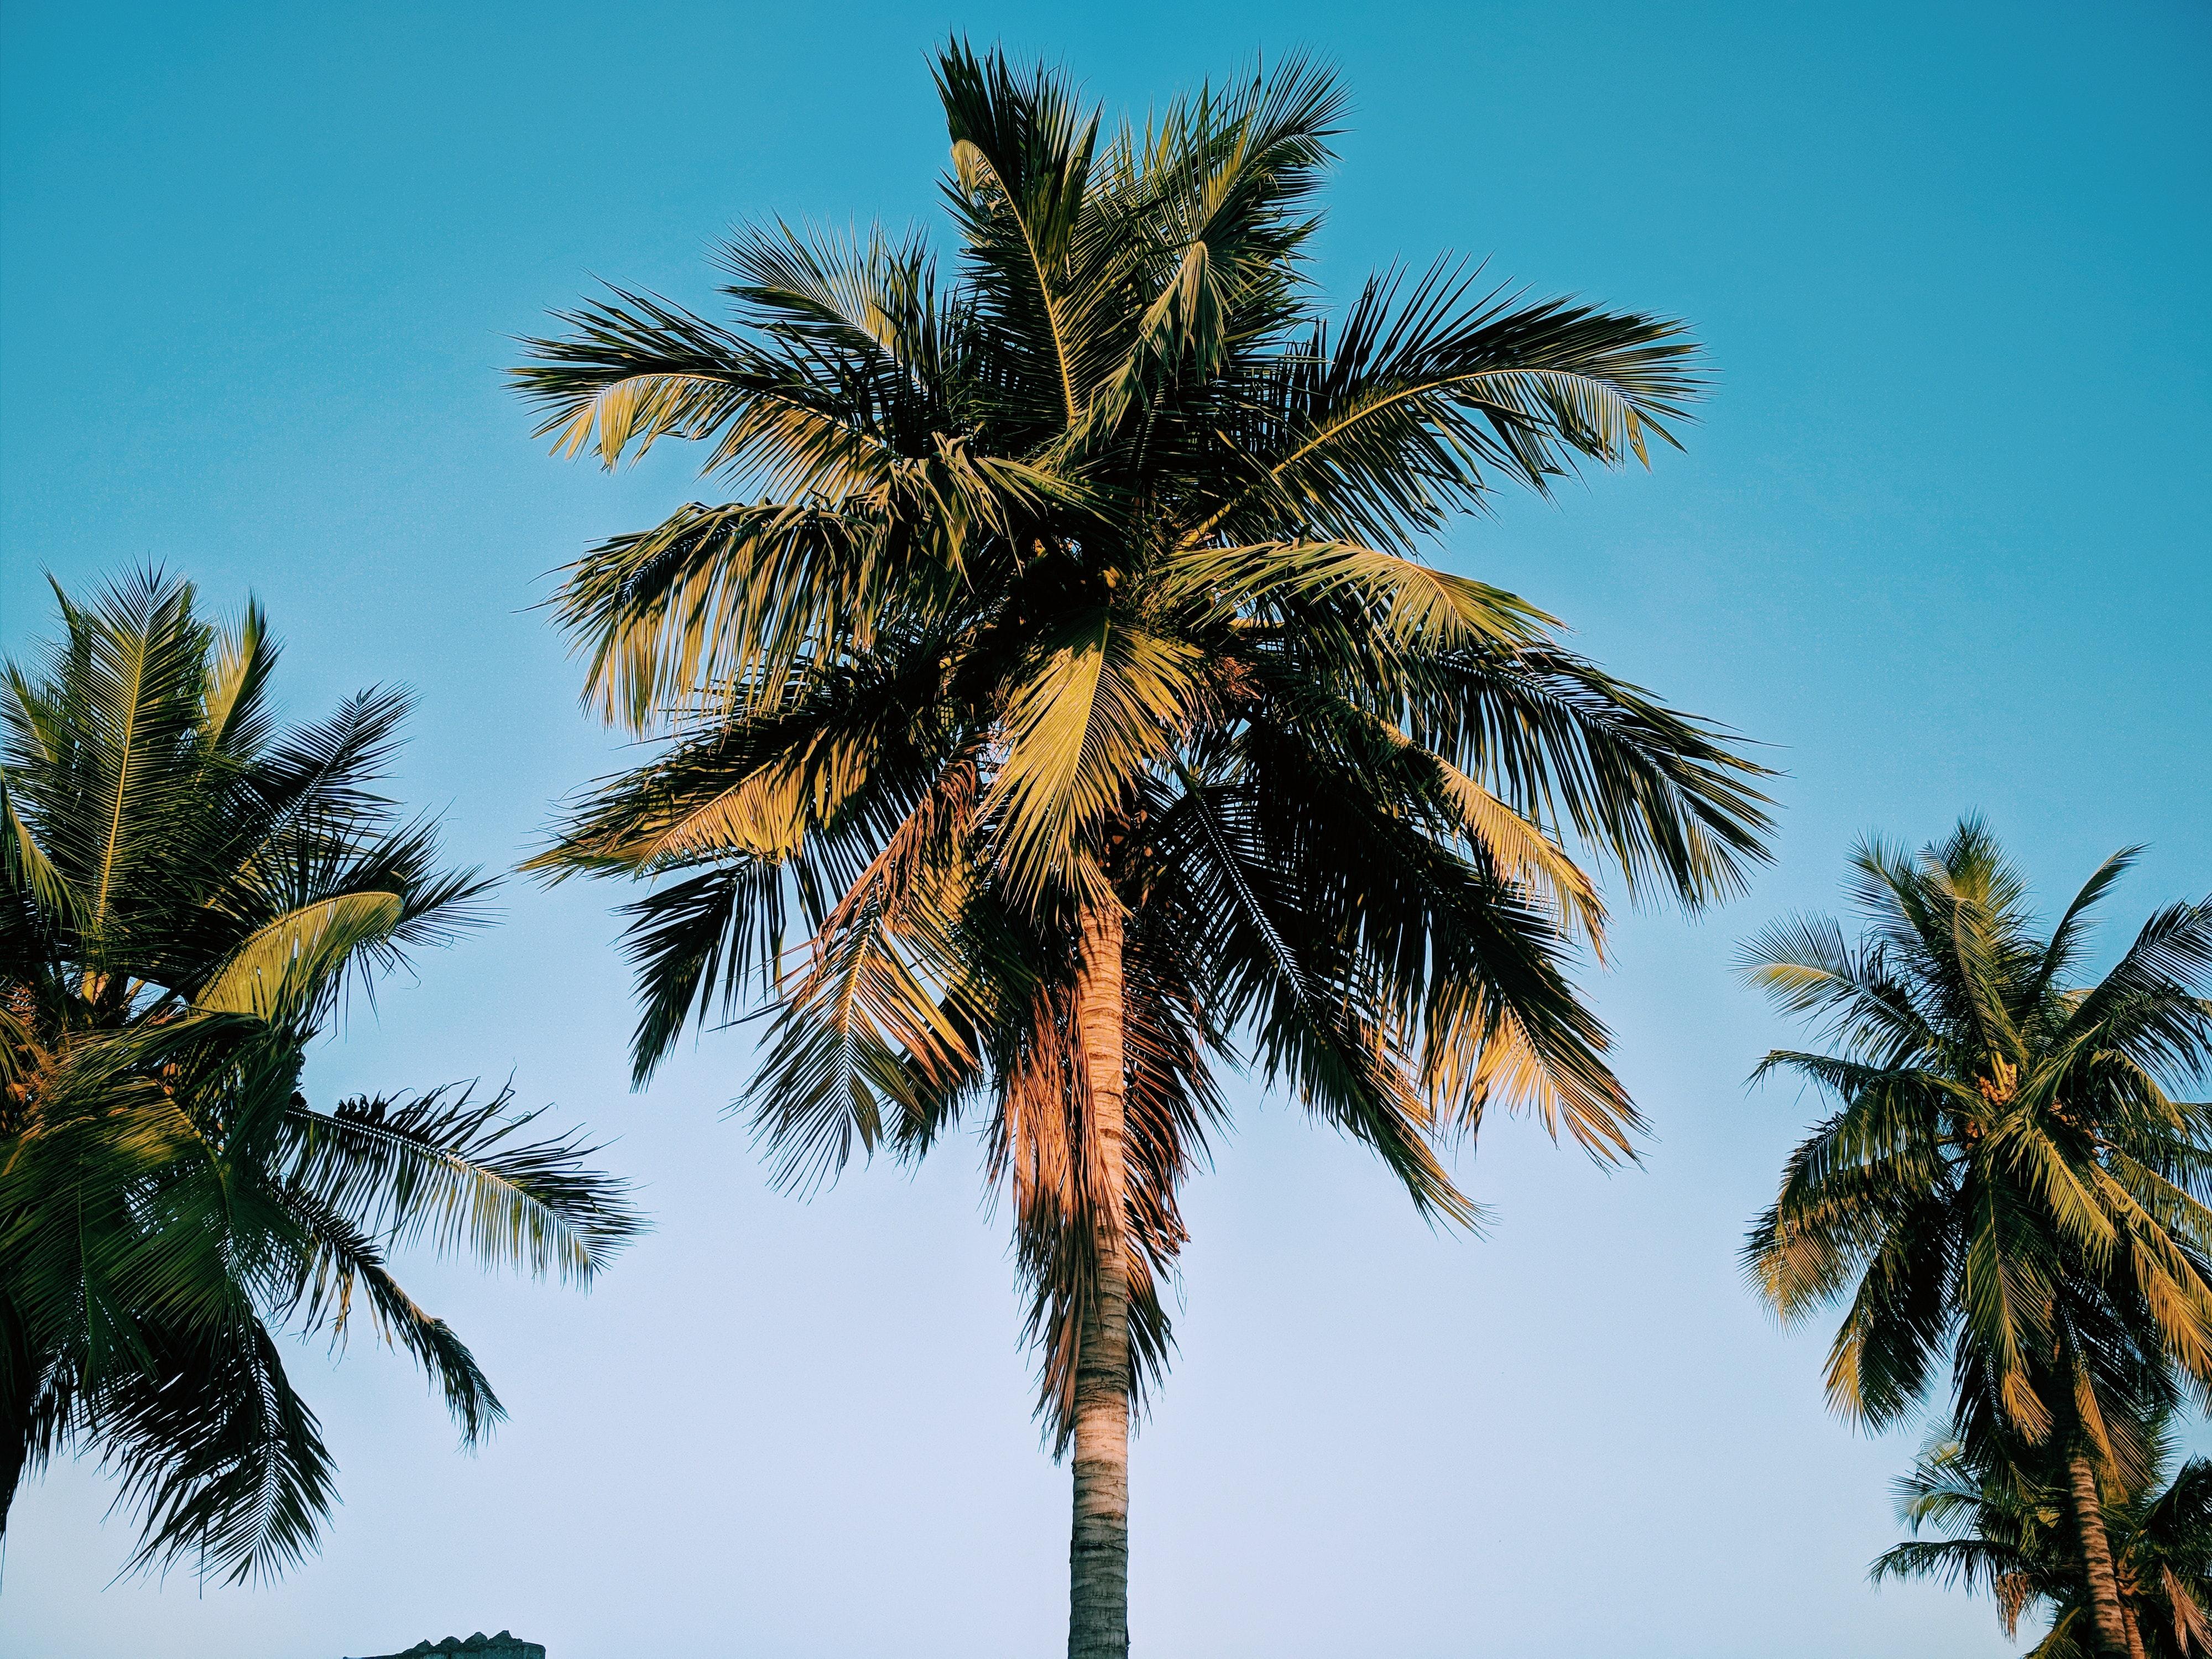 Foto Stok Gratis Tentang Alam Pohon Kelapa Wallpaper 4k